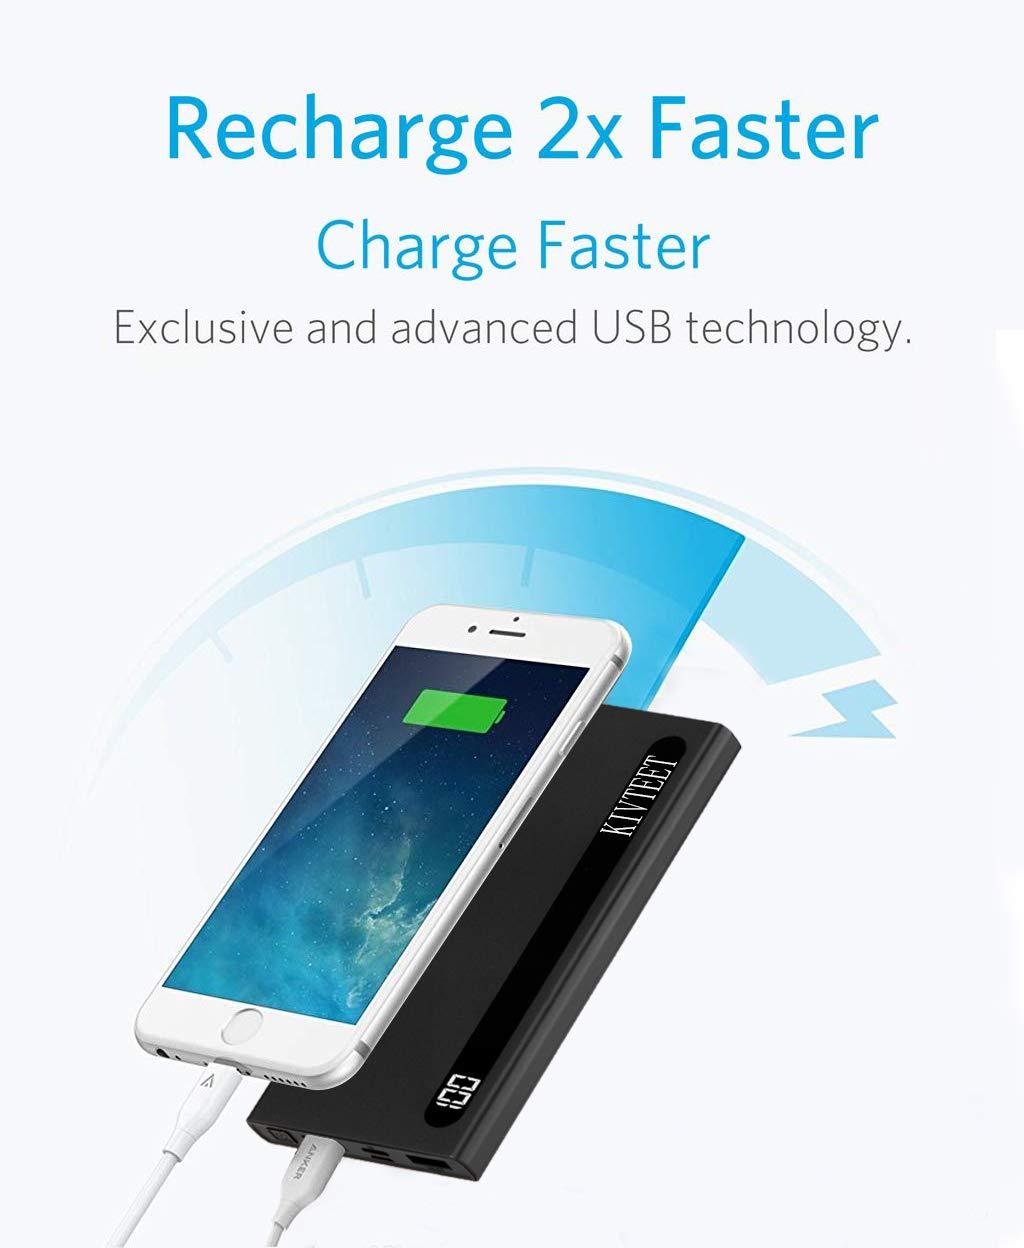 KIVTEET Power Bank 20000mah Carica Rapida Caricatore Portatile Display Digitale Batteria Esterna 2 Porta USB Batteria… 4 spesavip